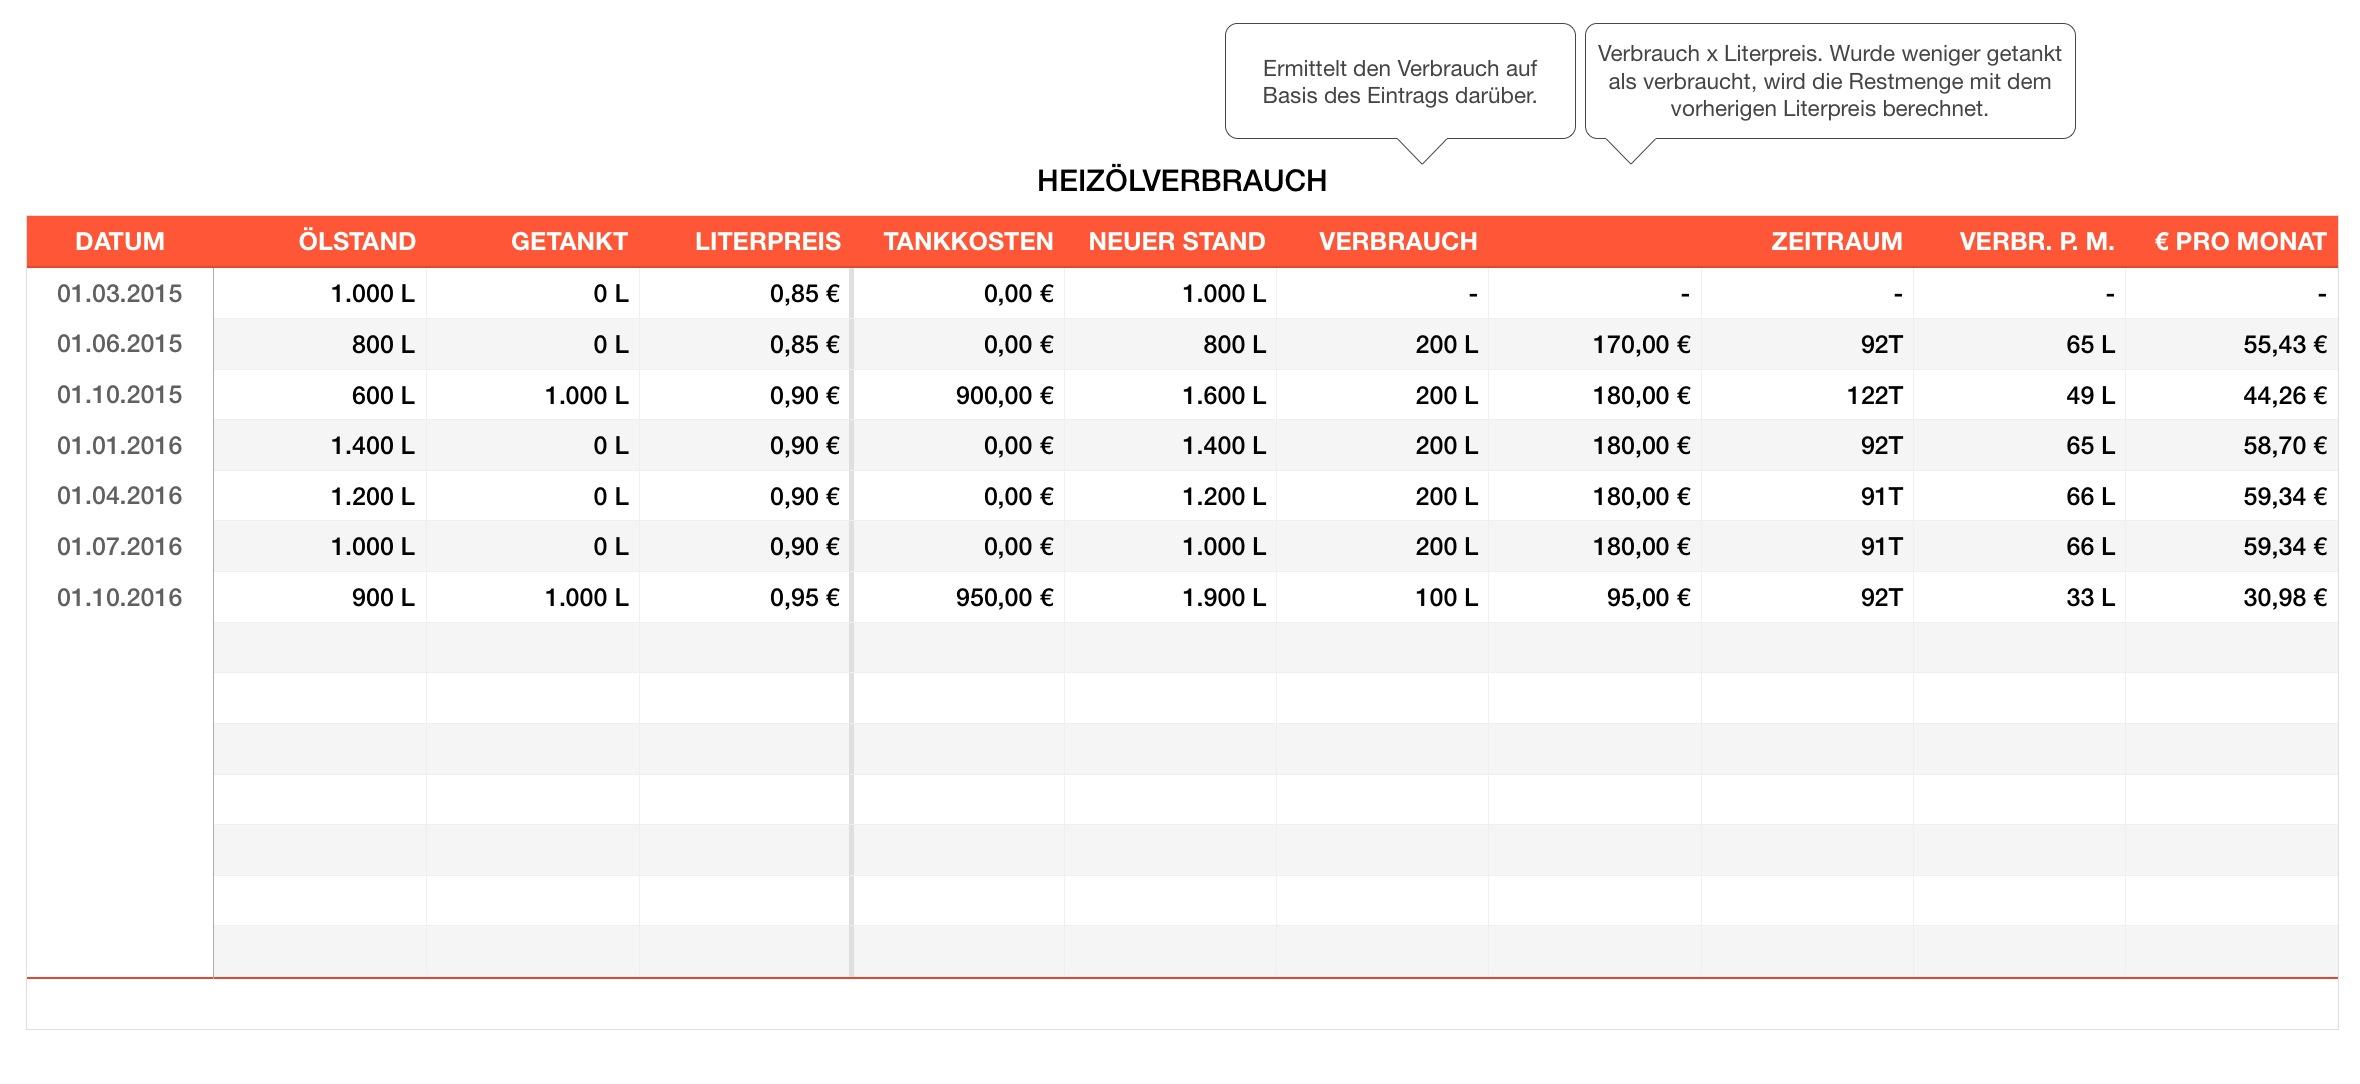 Numbers Vorlage Heizölverbrauch | Numbersvorlagen.de